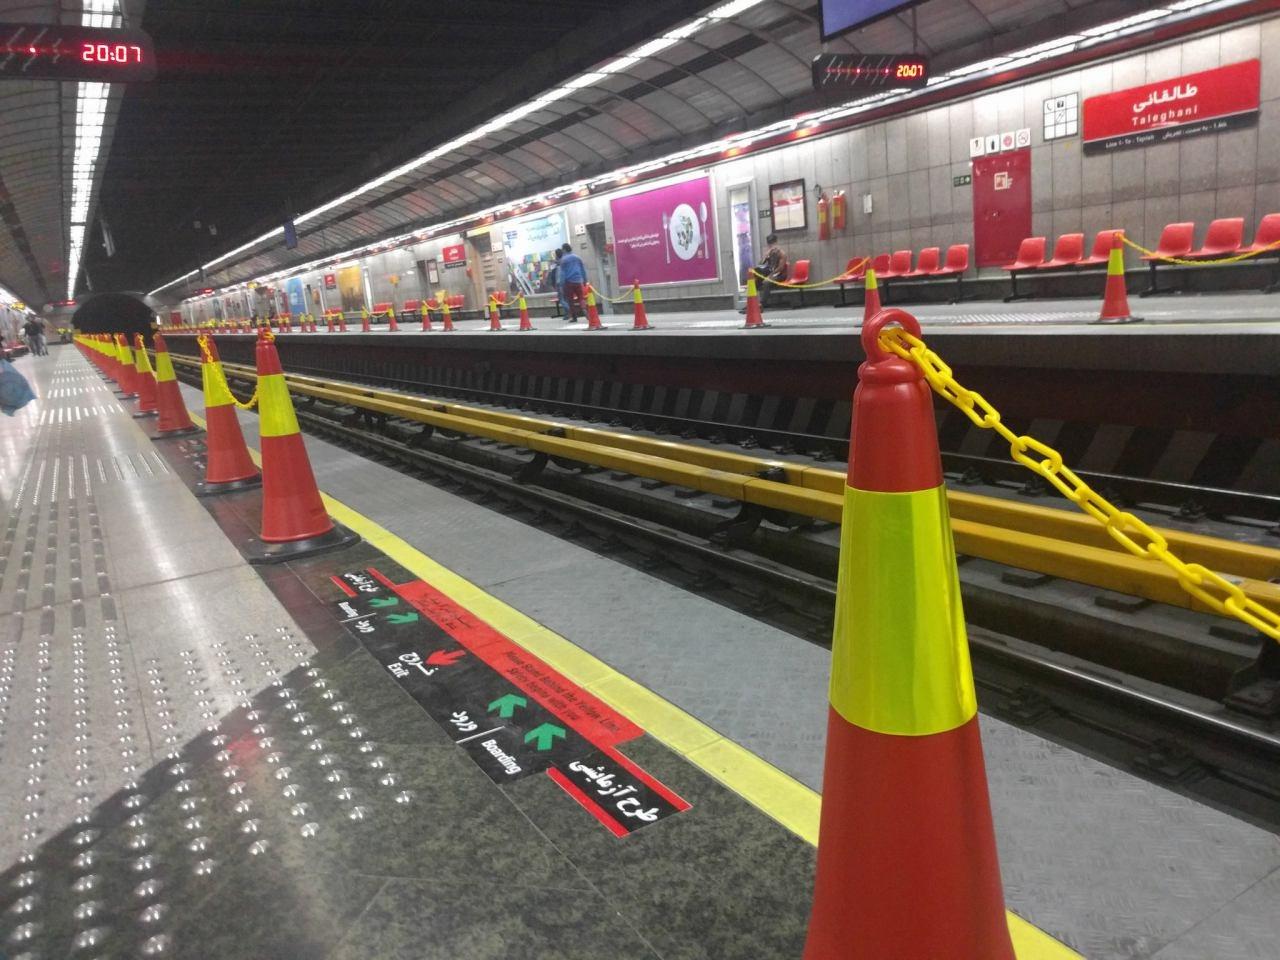 مترو در ایستگاه مرگ/مدیریت شهری و دولت شریک جرم هستند